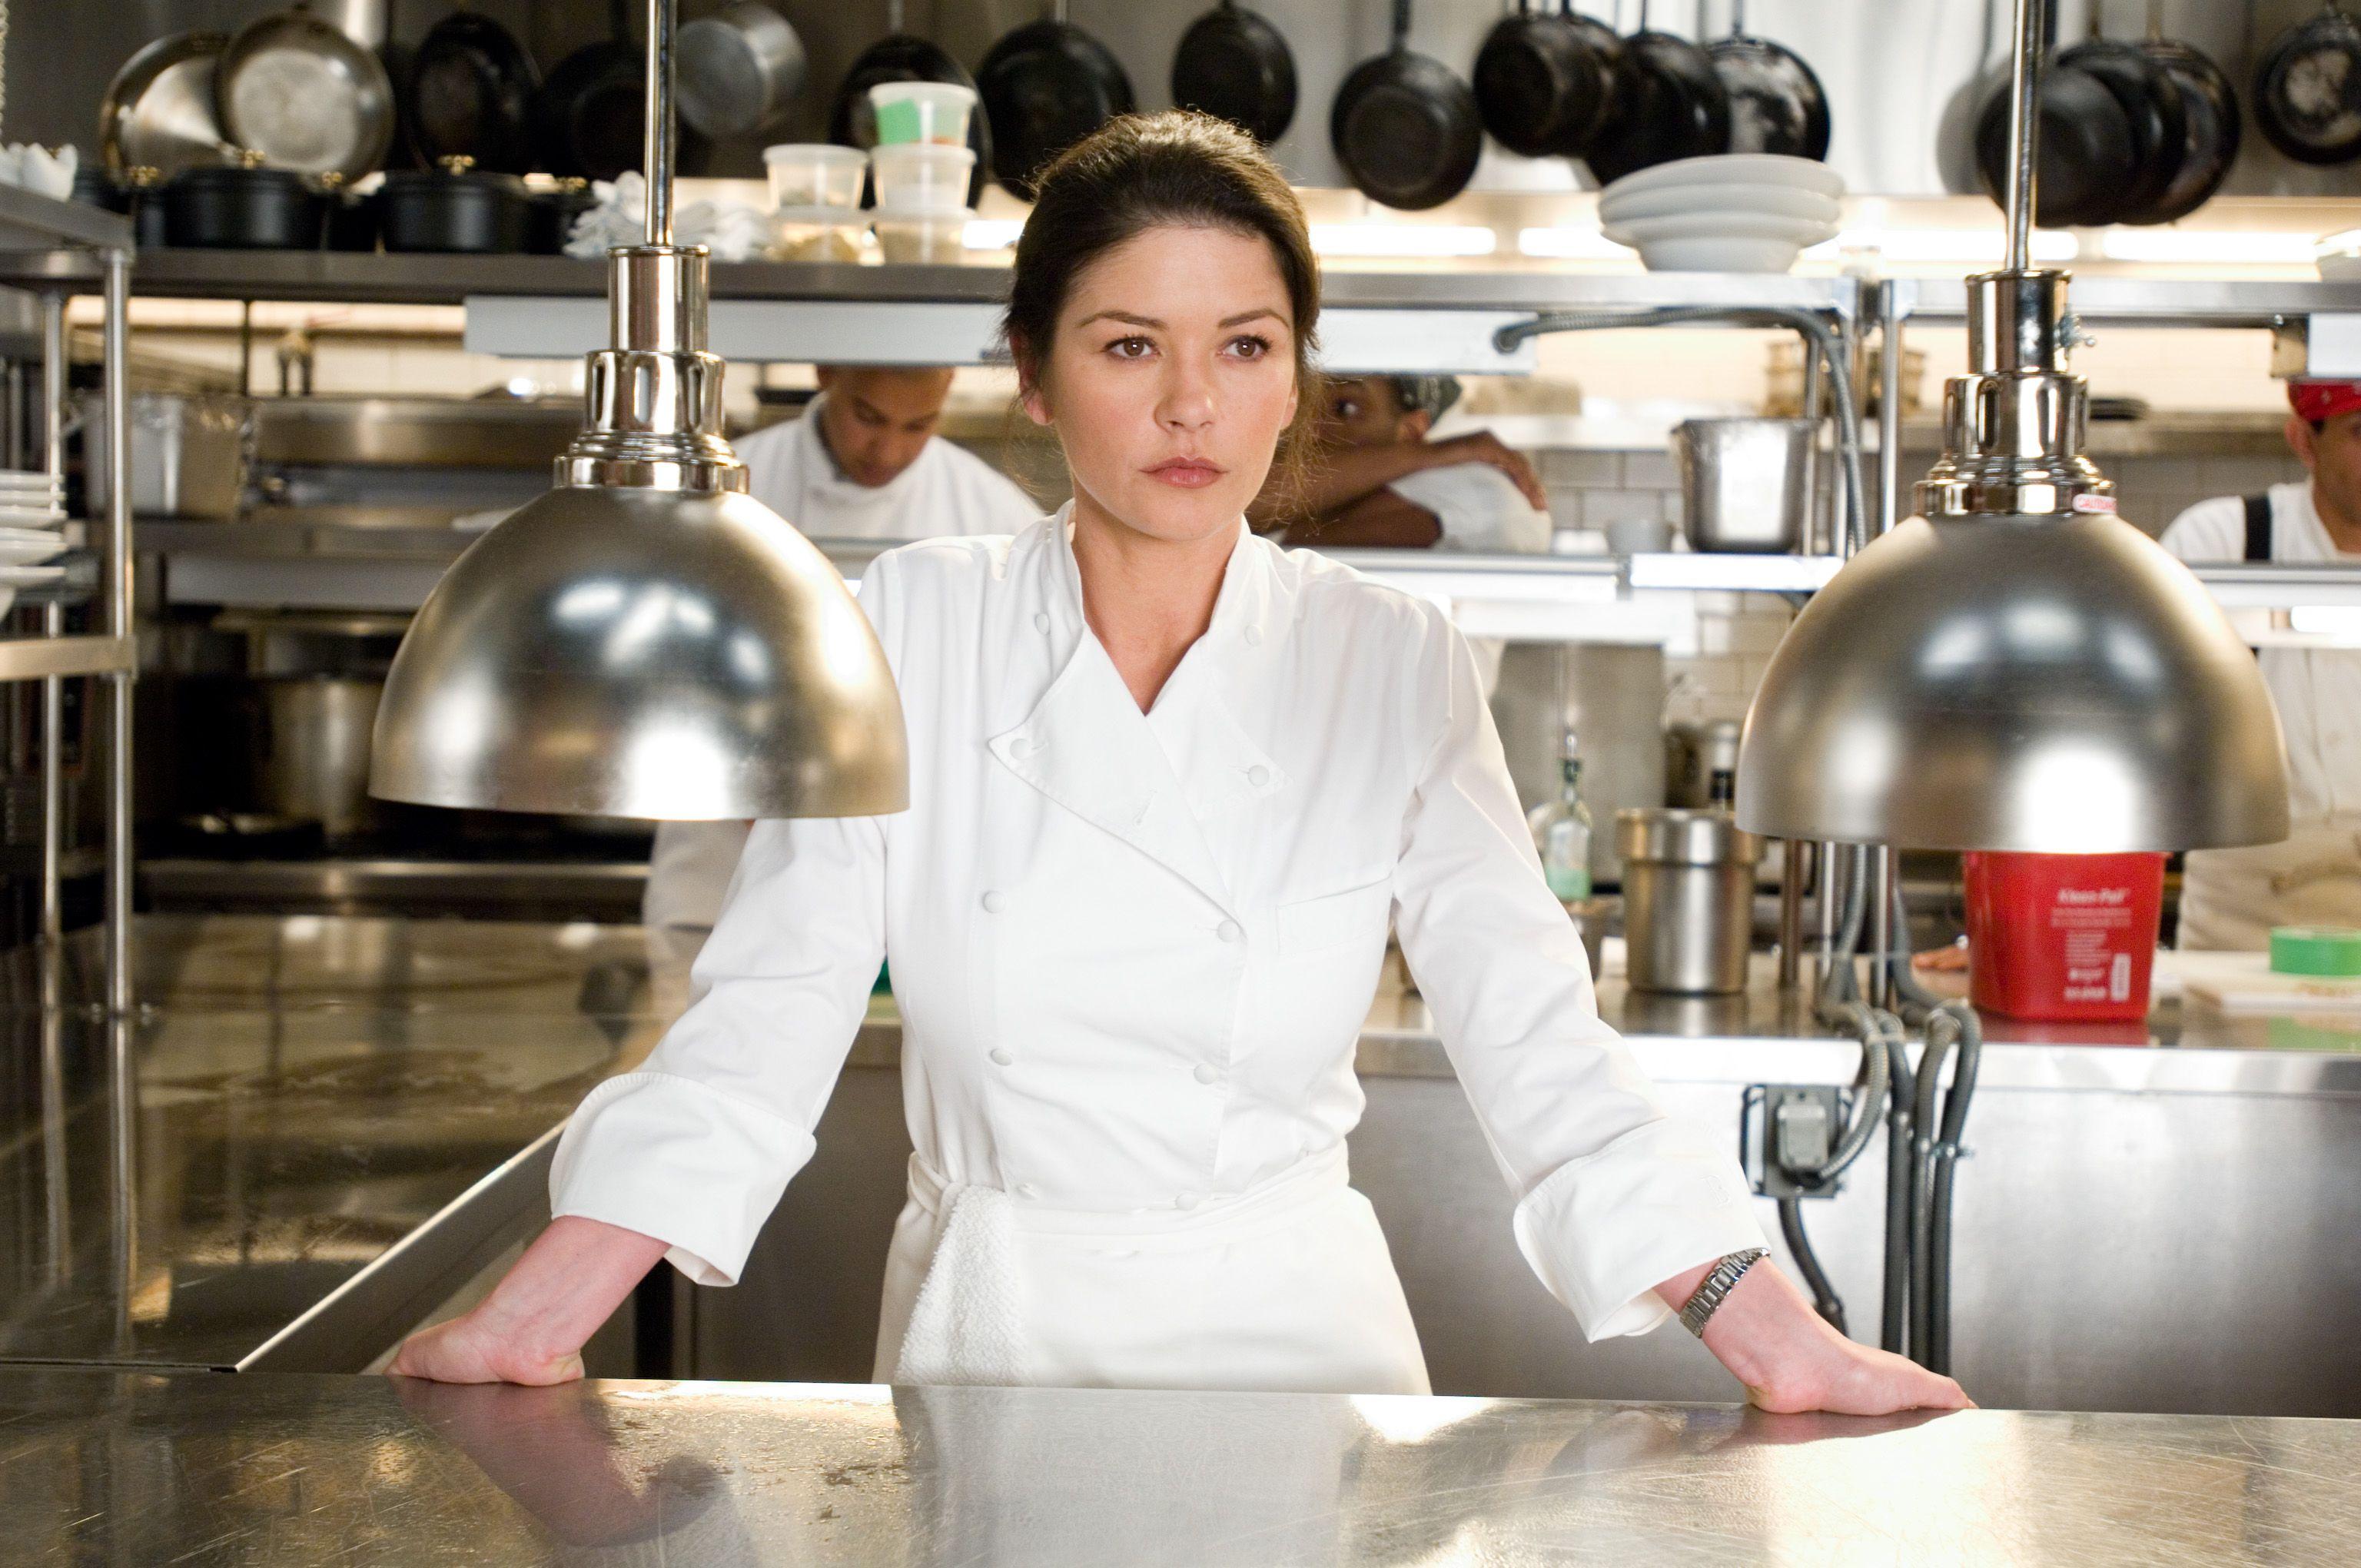 Kate er sjef på kjøkkenet, men sliter sosialt.